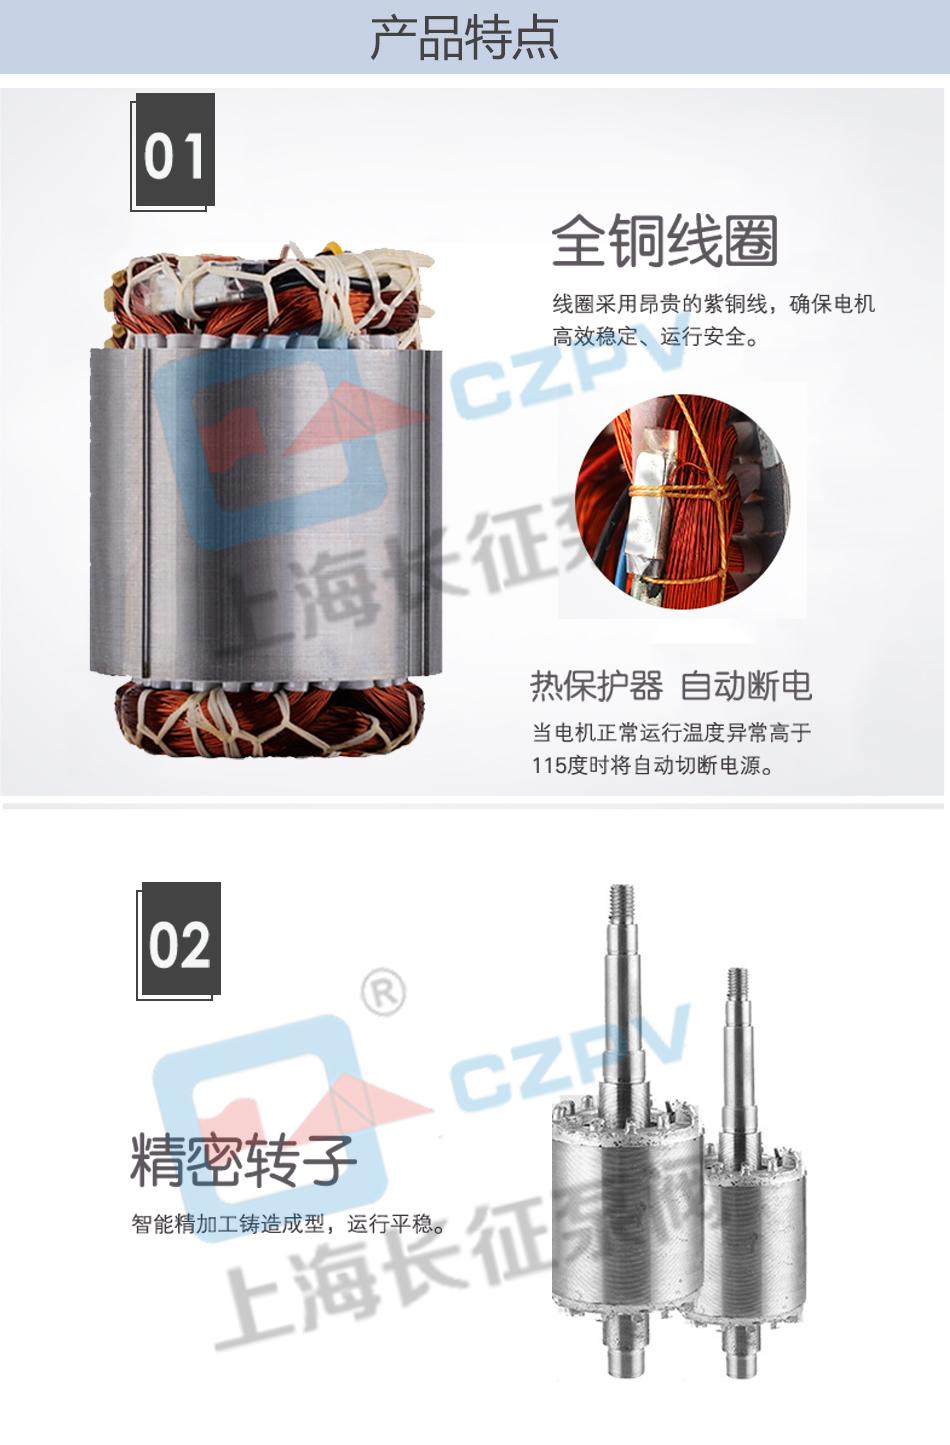 PBG型屏蔽式管道离心循环水泵产品特点图